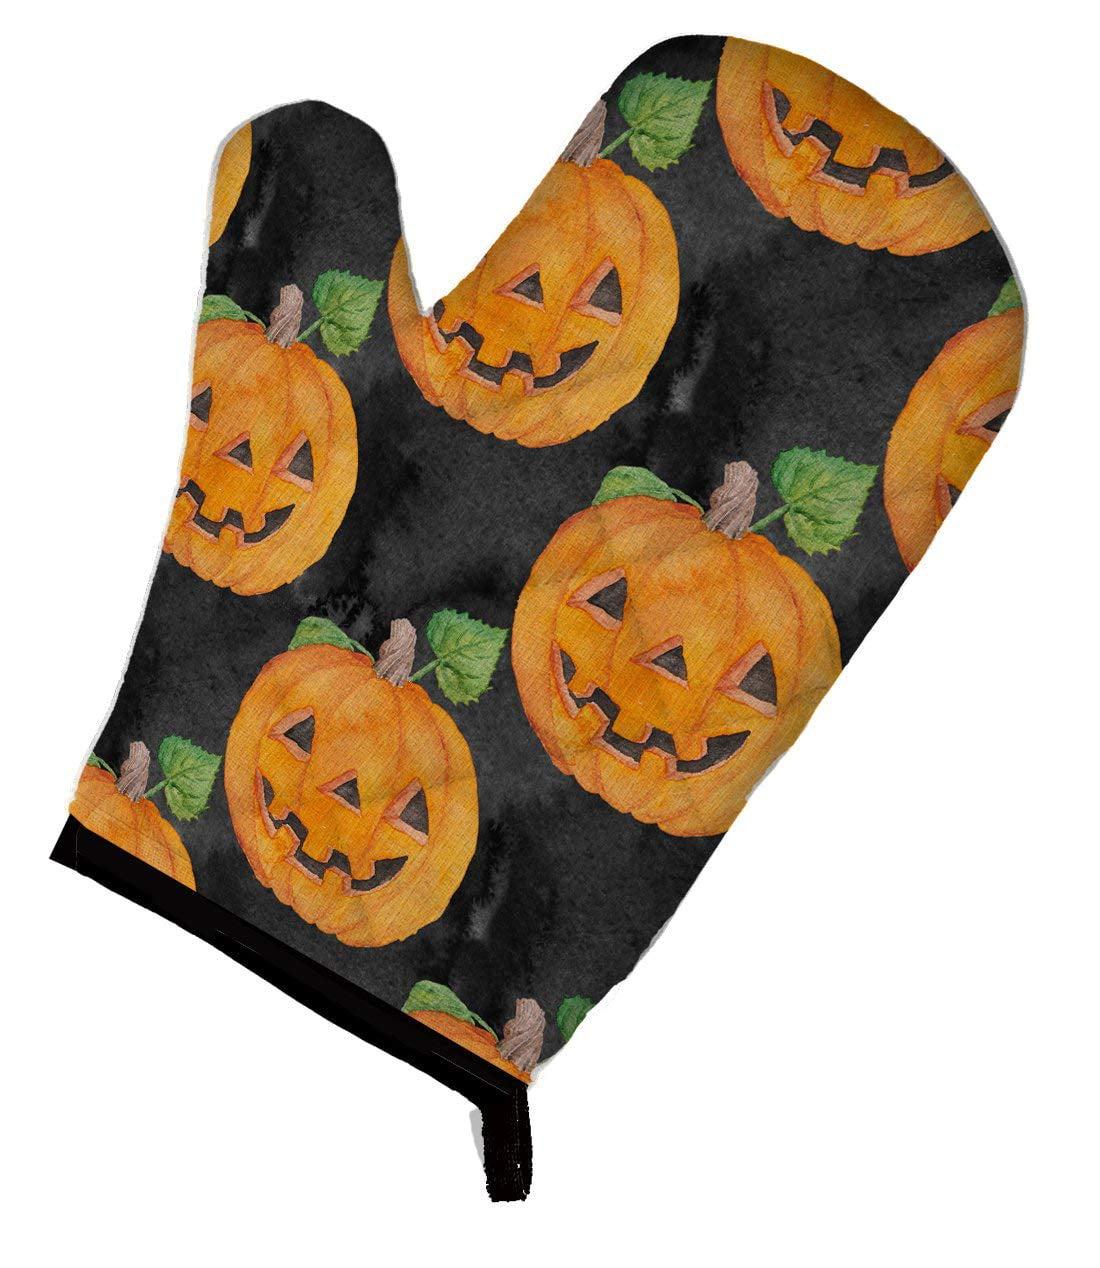 novelty hot mitt holiday hot mitt pattern Pumpkin Hot Mitt